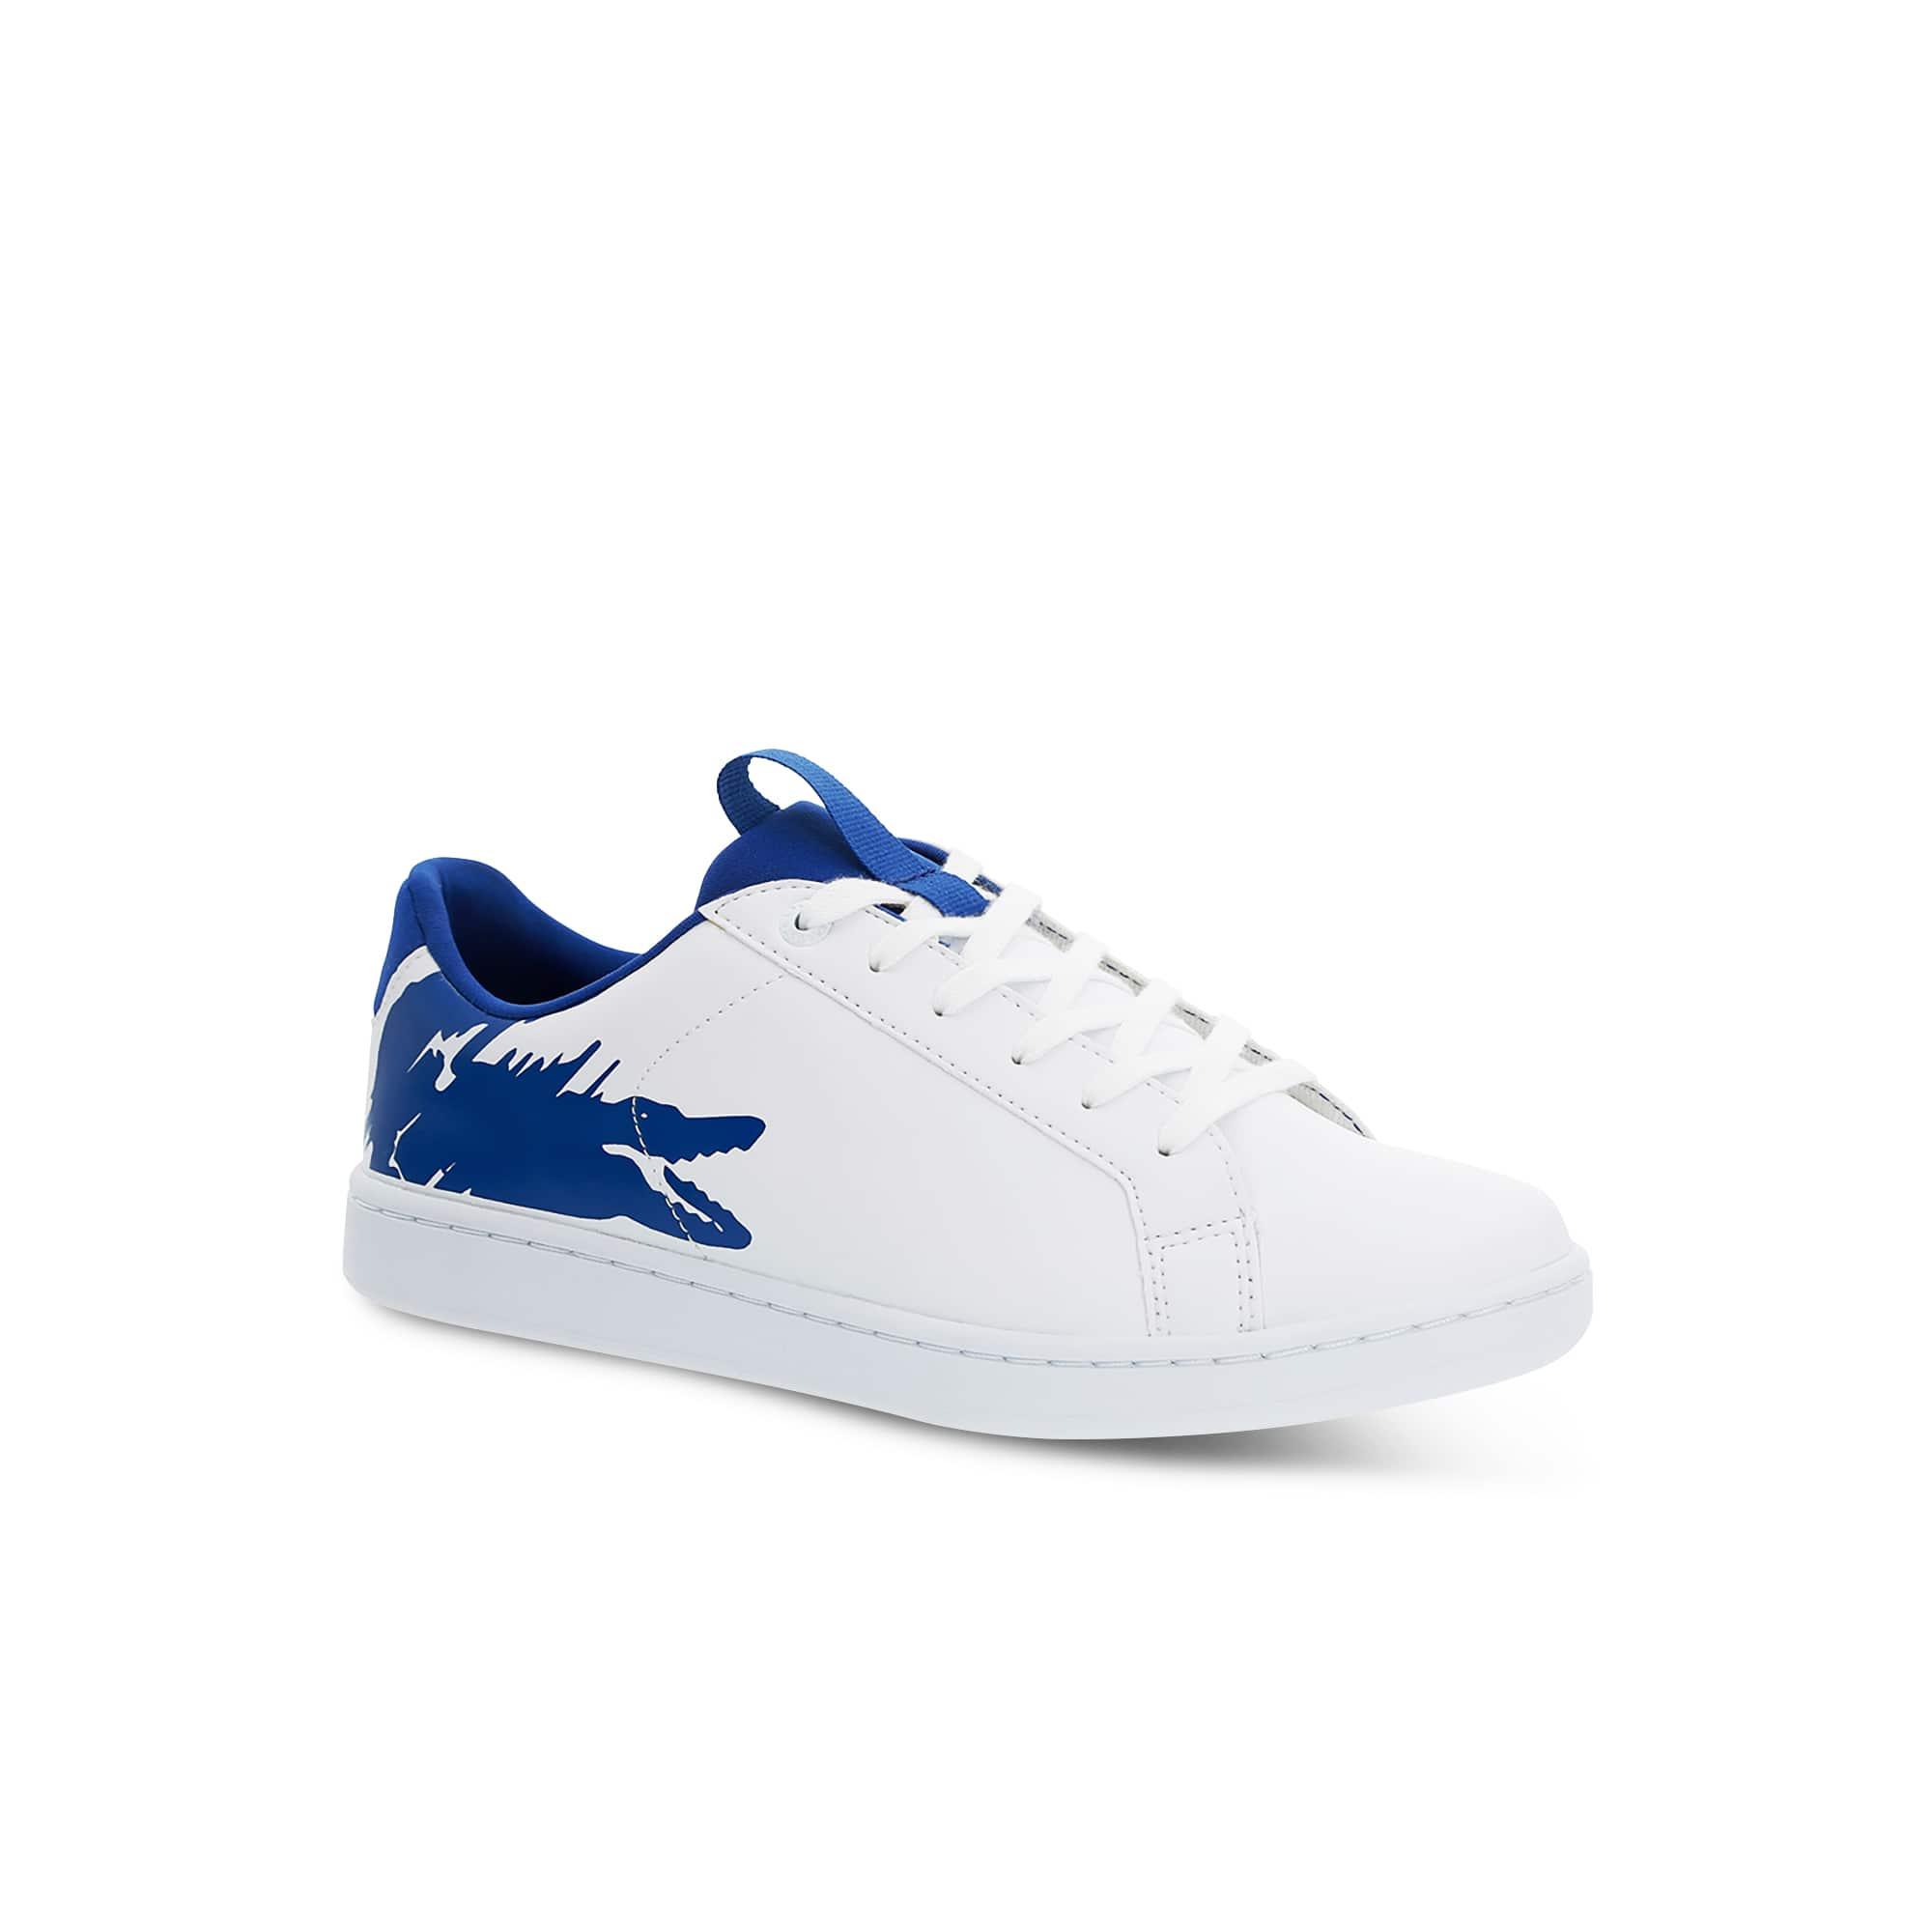 5d7130c824 Ado | Chaussures enfant | LACOSTE